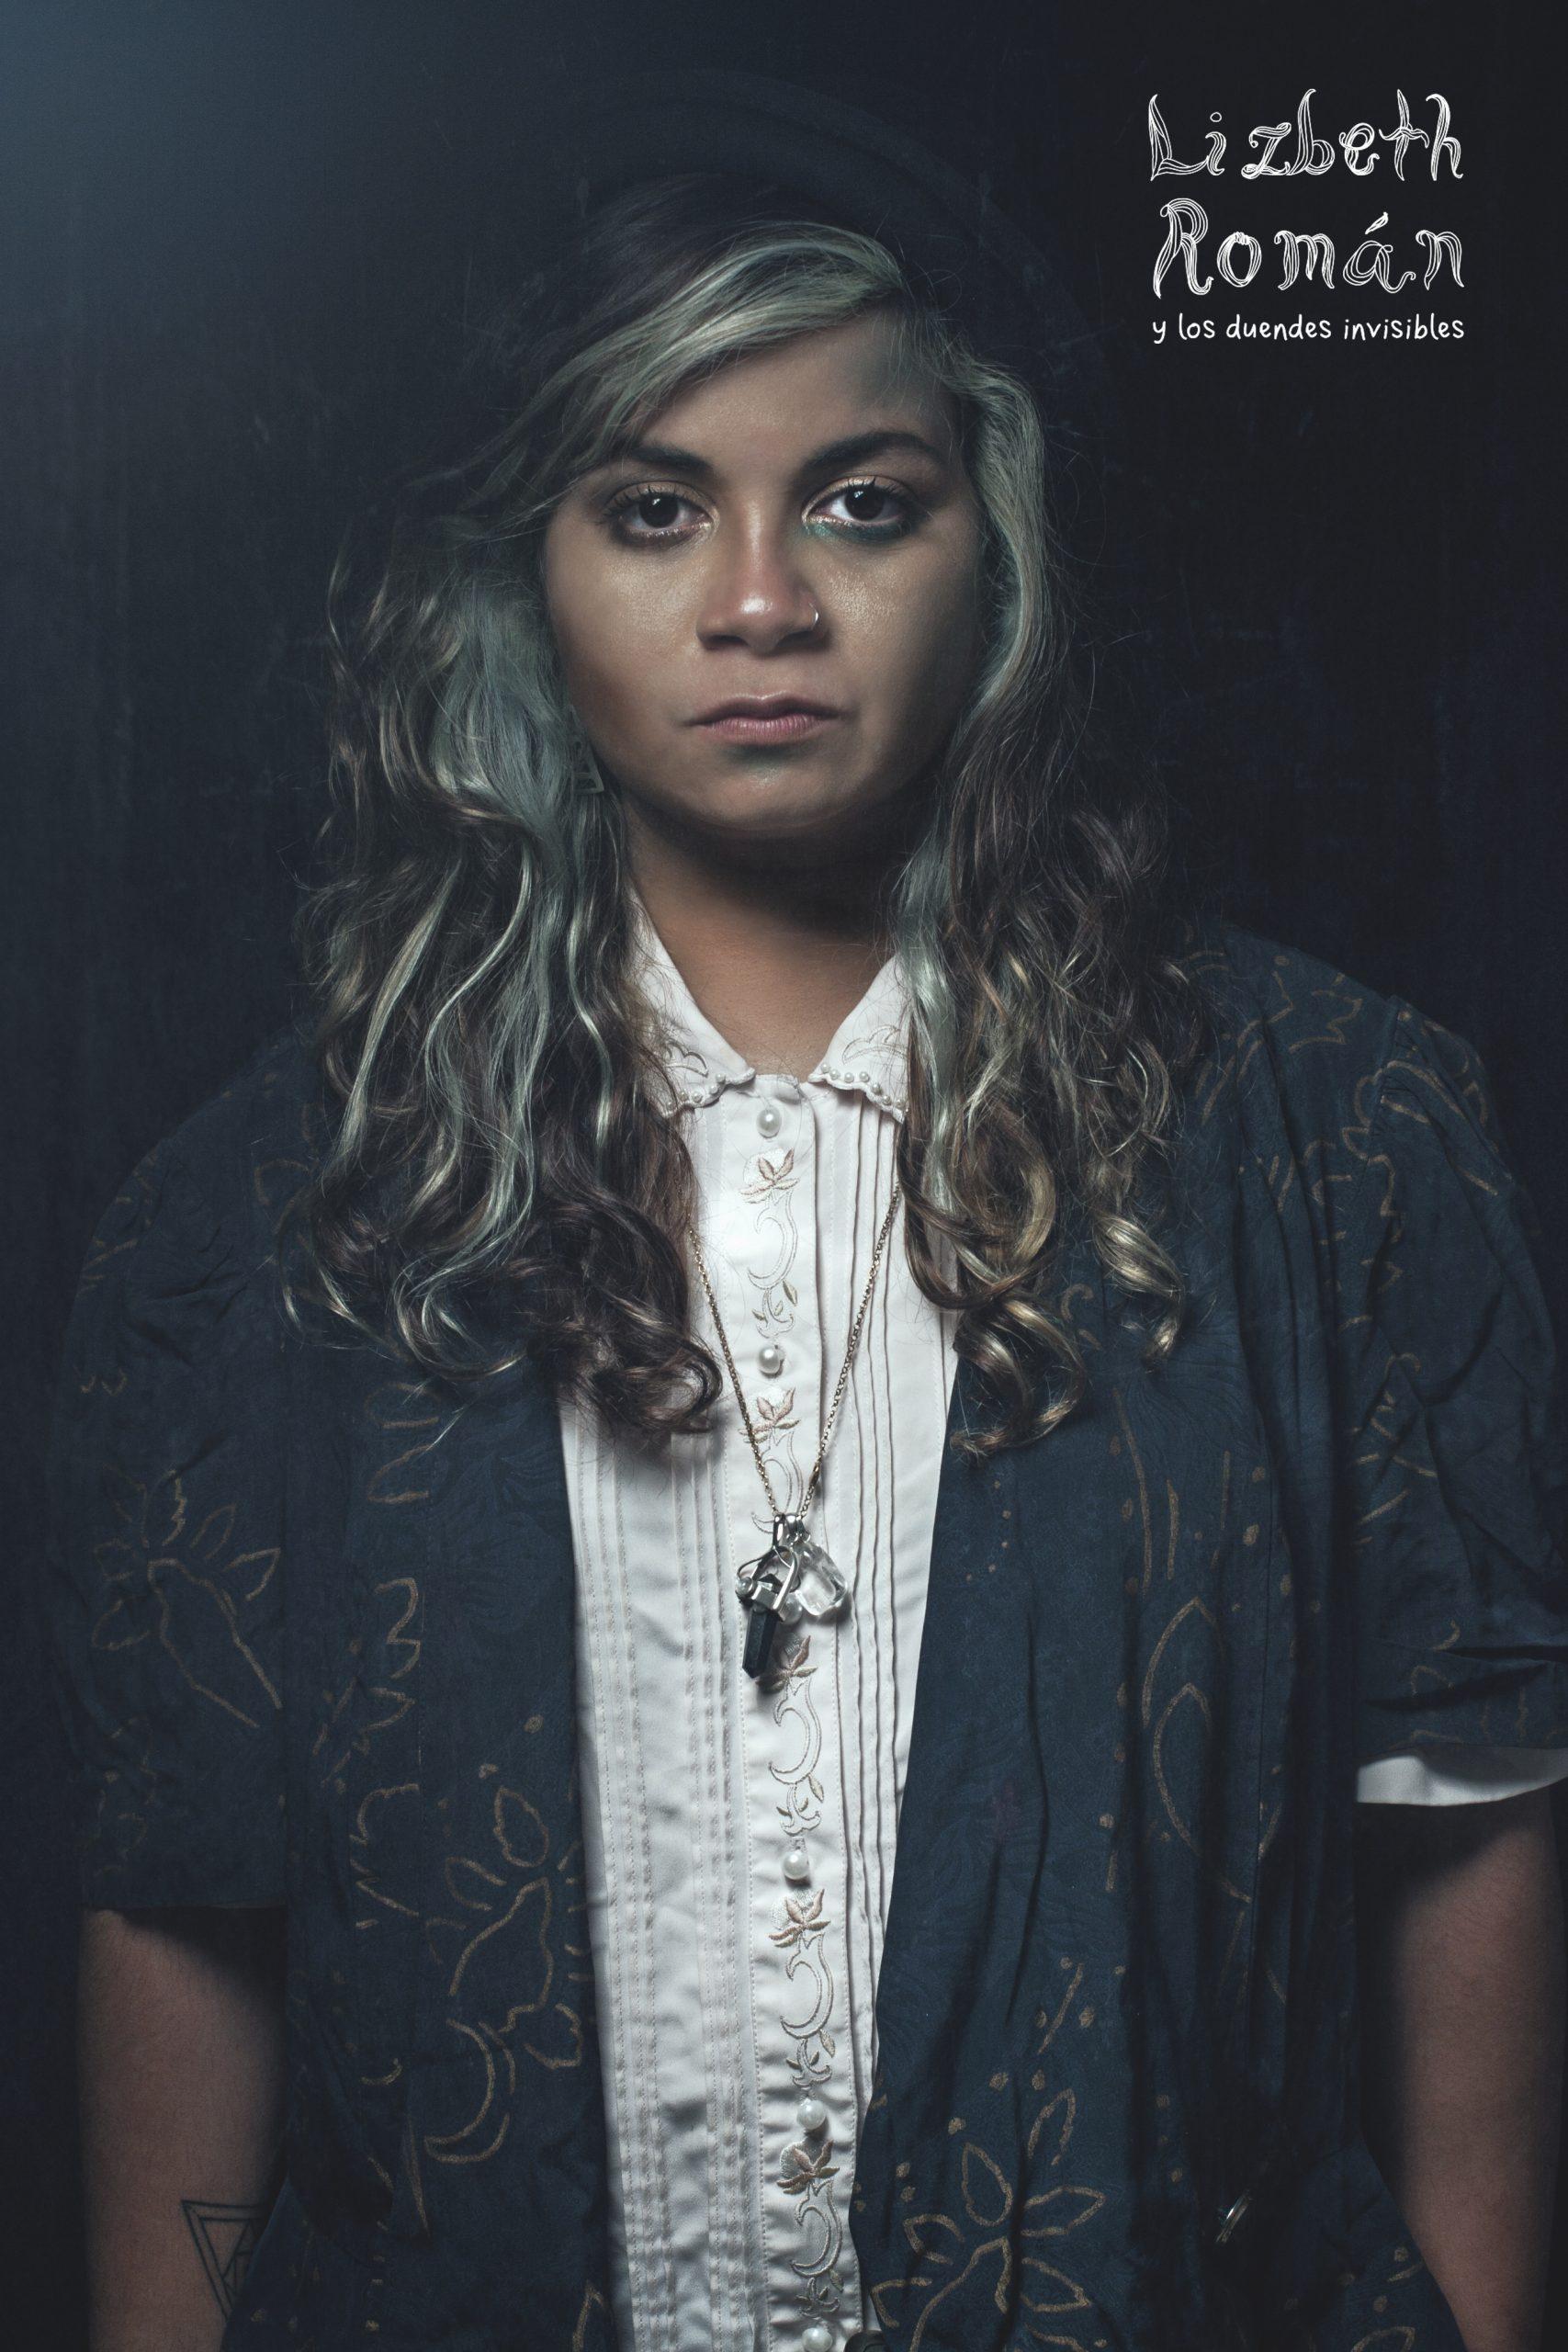 La cantautora Lizbeth Román presentó oficialmente el vídeo musical del sencillo La bruja en la Casa Ruth Hernández Torres el pasado 1 de abril. (Foto Boricuas Así Somos)